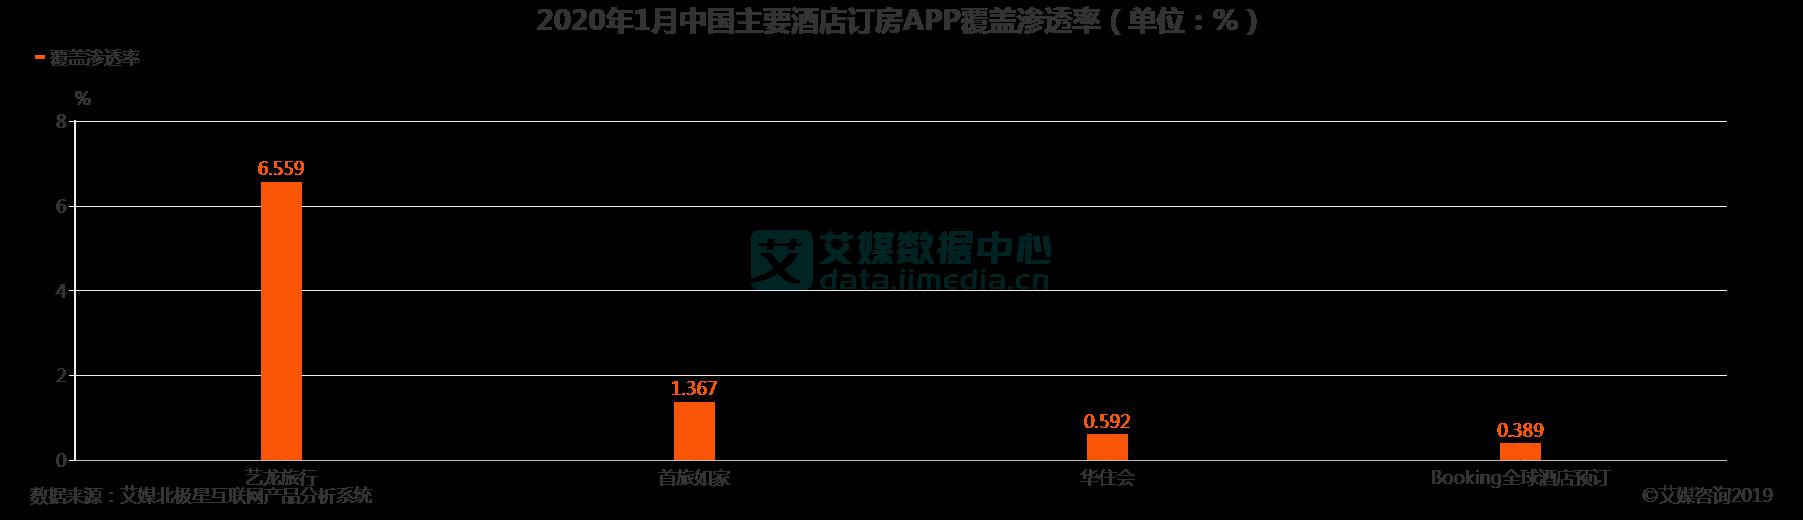 2020年1月中国主要酒店订房APP覆盖渗透率